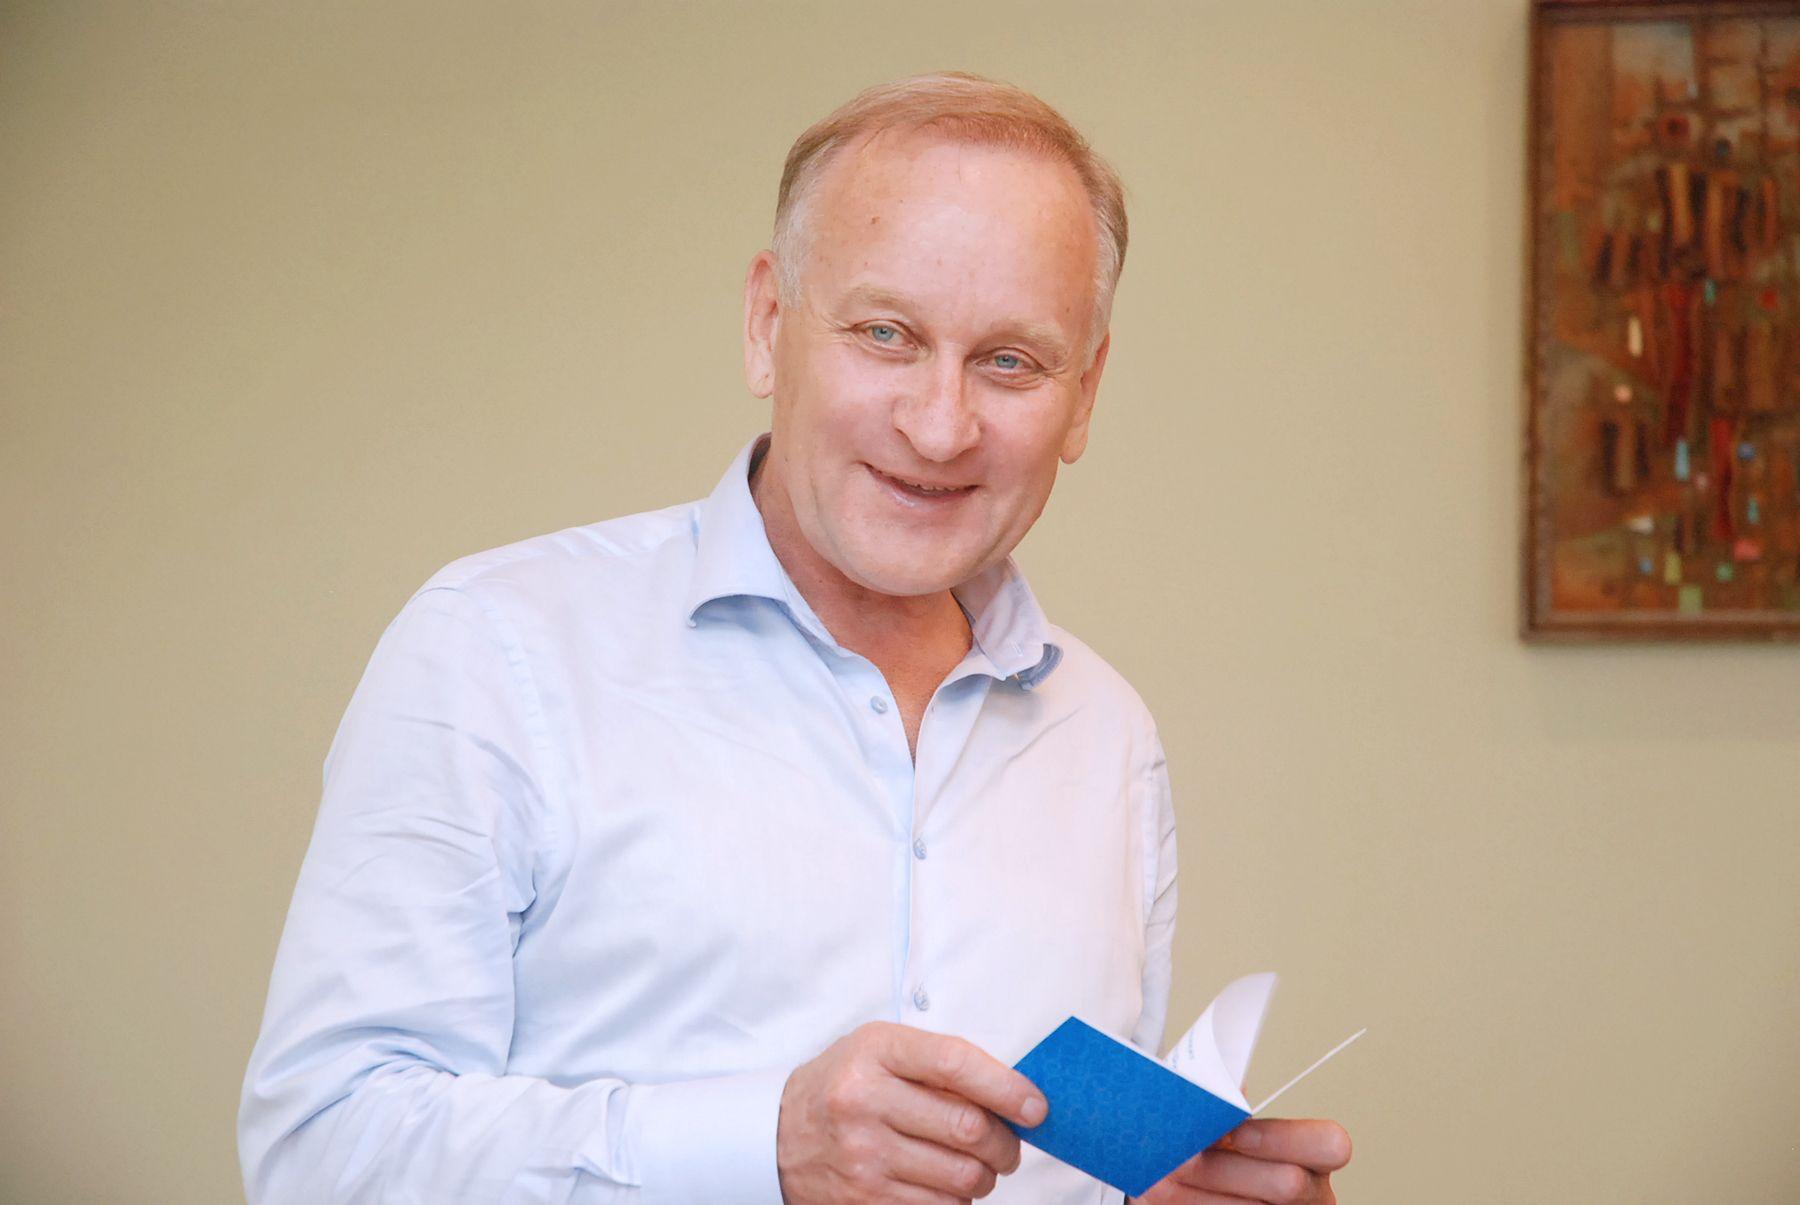 Геннадий Лазарев, президент ВГУЭС об эпидемии, которая идёт на спад, и выводах, которые нужно сделать